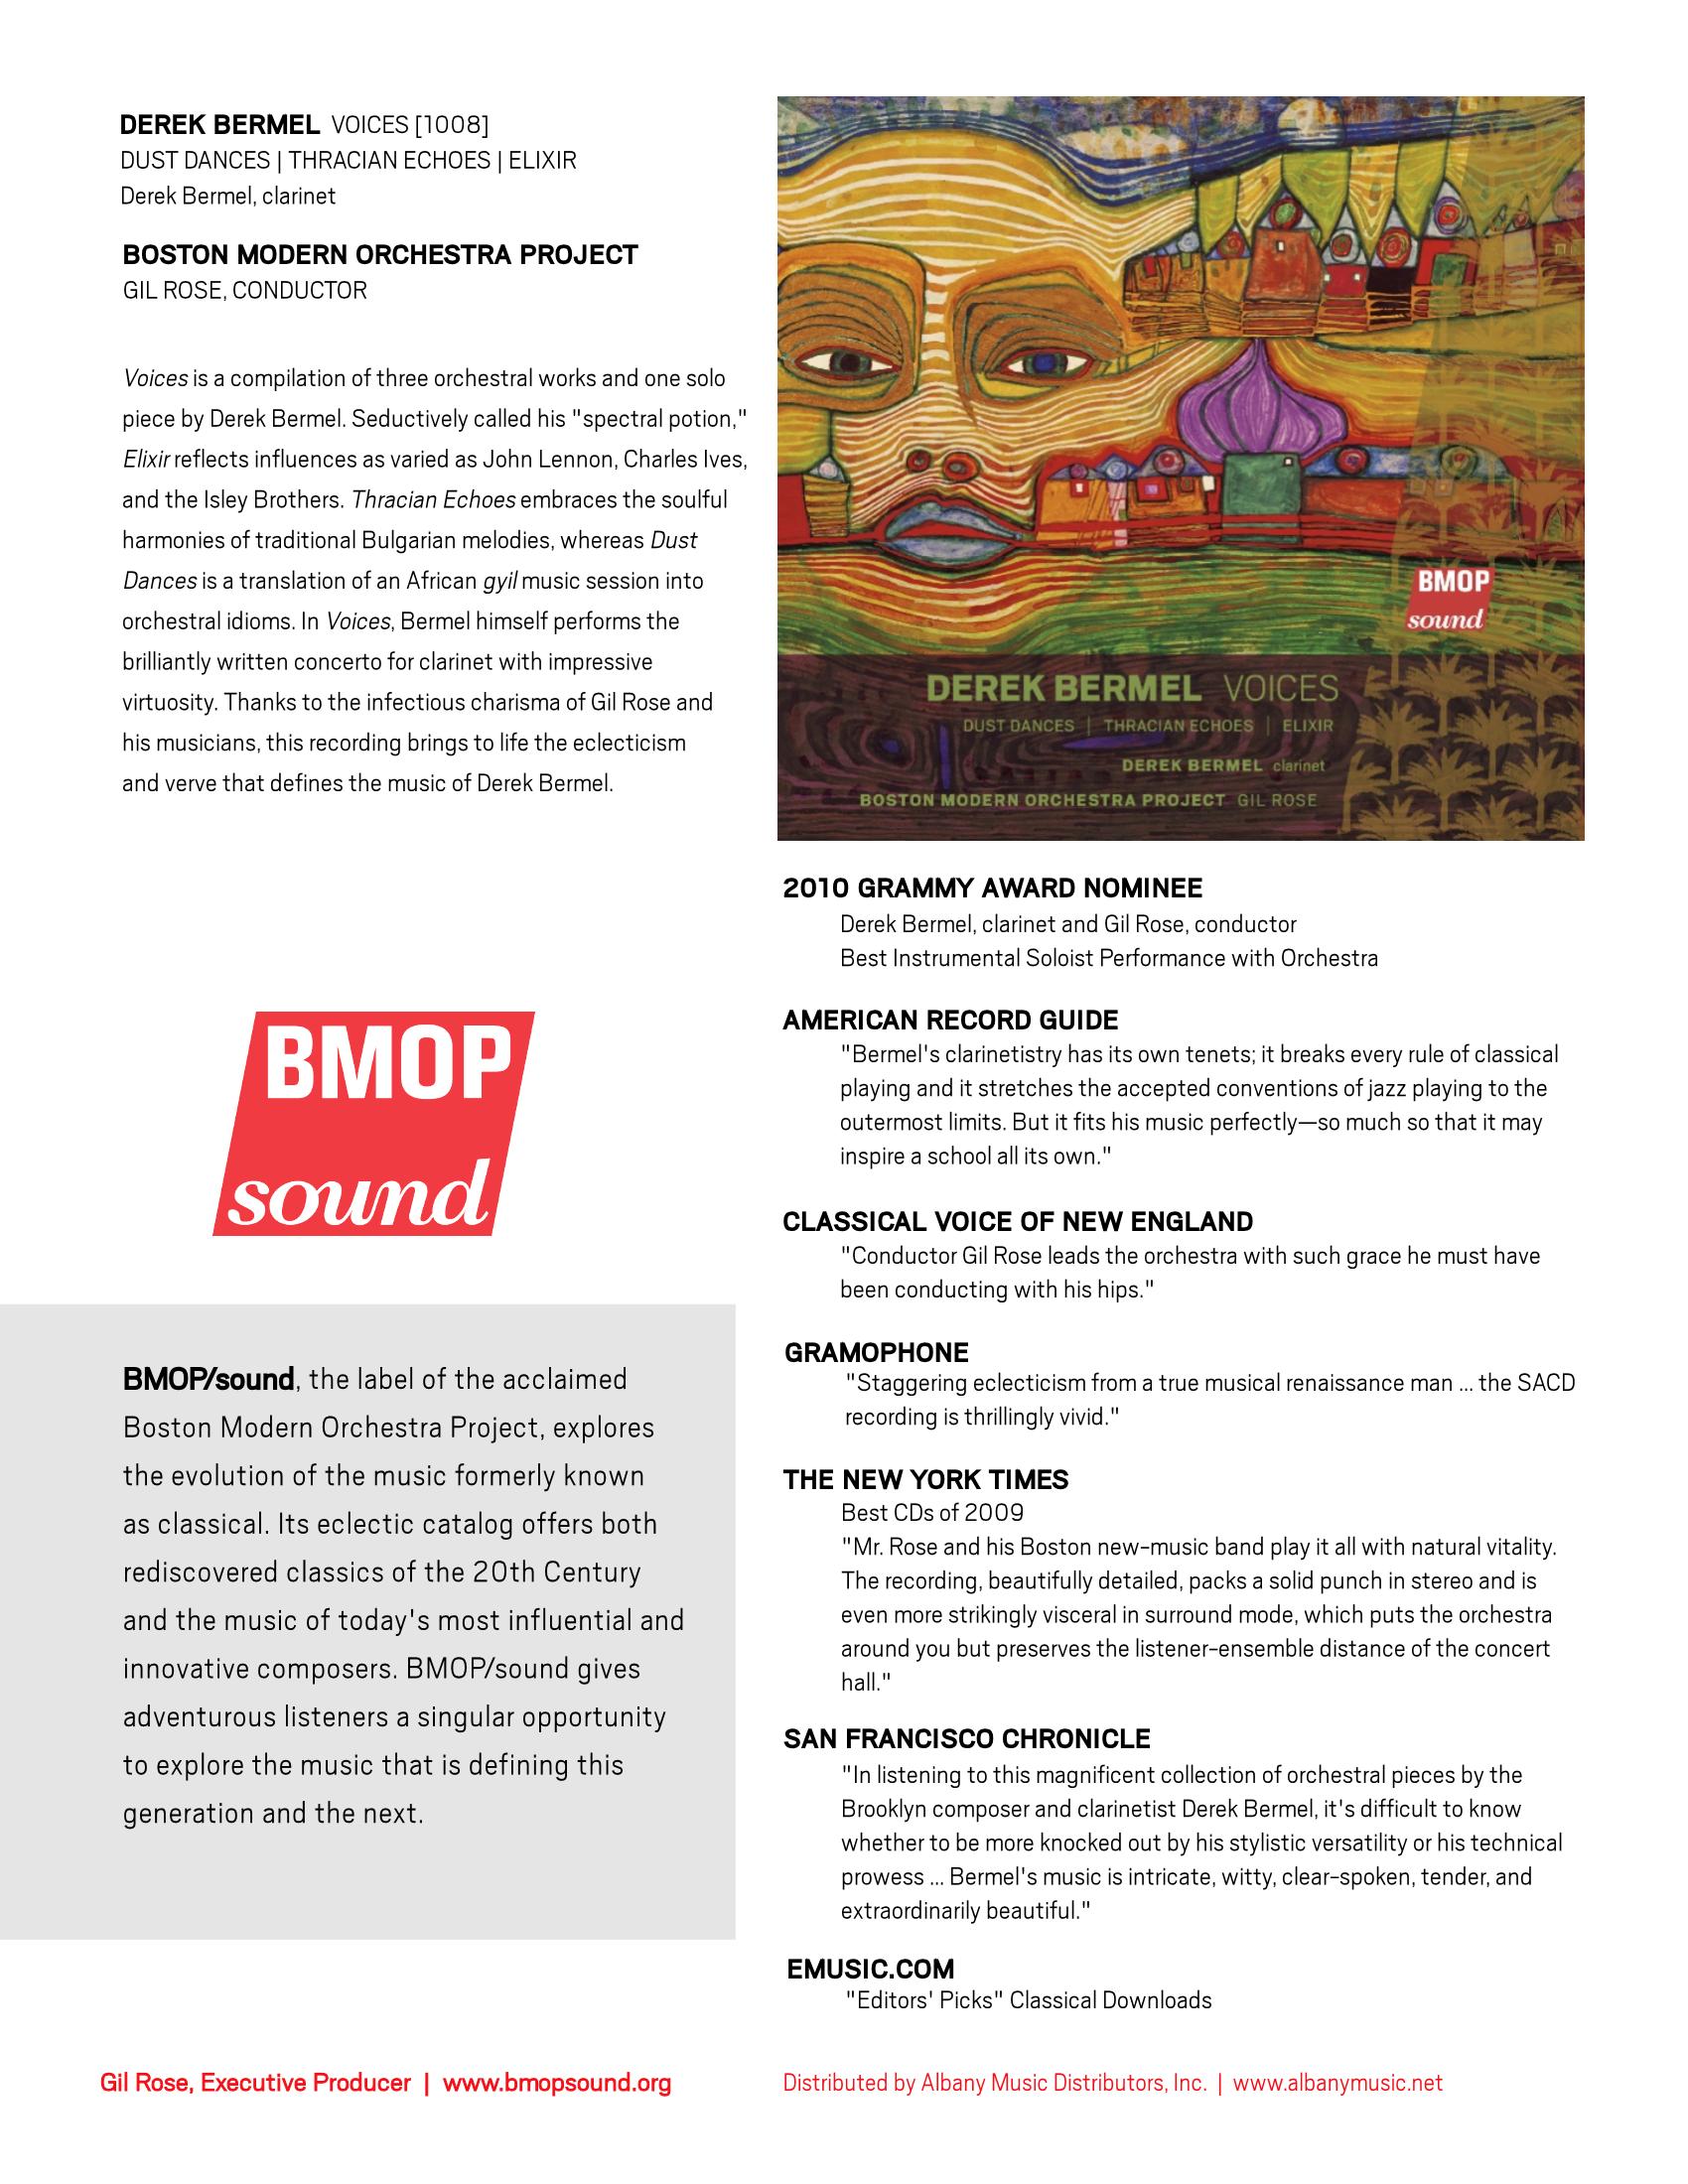 Bermel - BMOPsound 1008 one-sheet.png